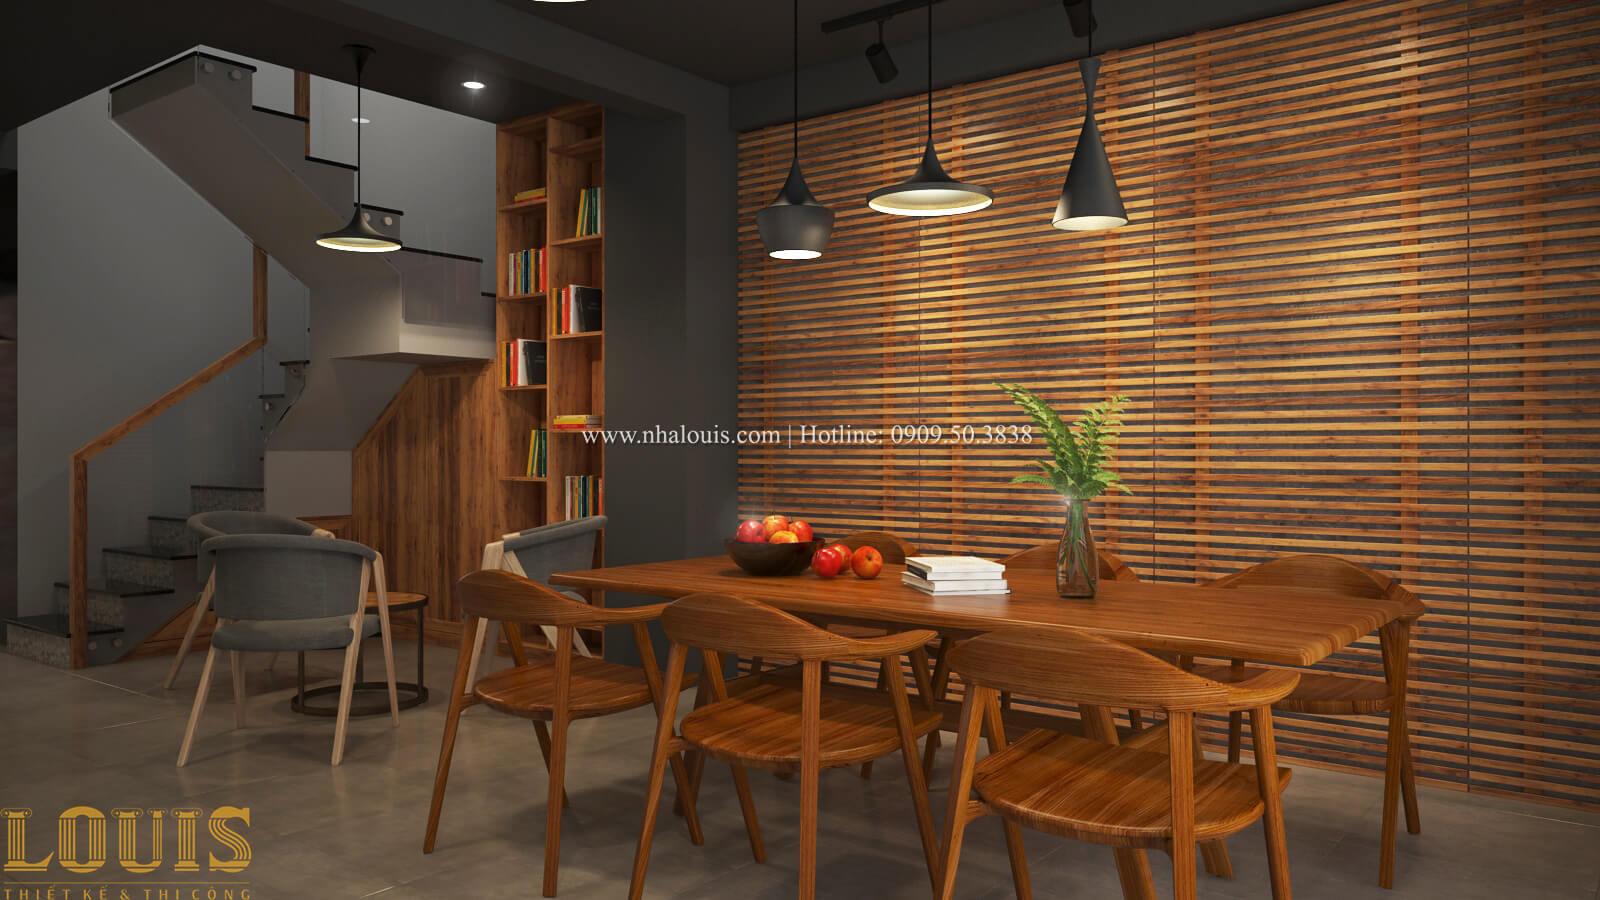 Phòng làm việc Tư vấn thiết kế mẫu nhà đẹp 4x20m hiện đại và sang trọng tại quận 8 - 20